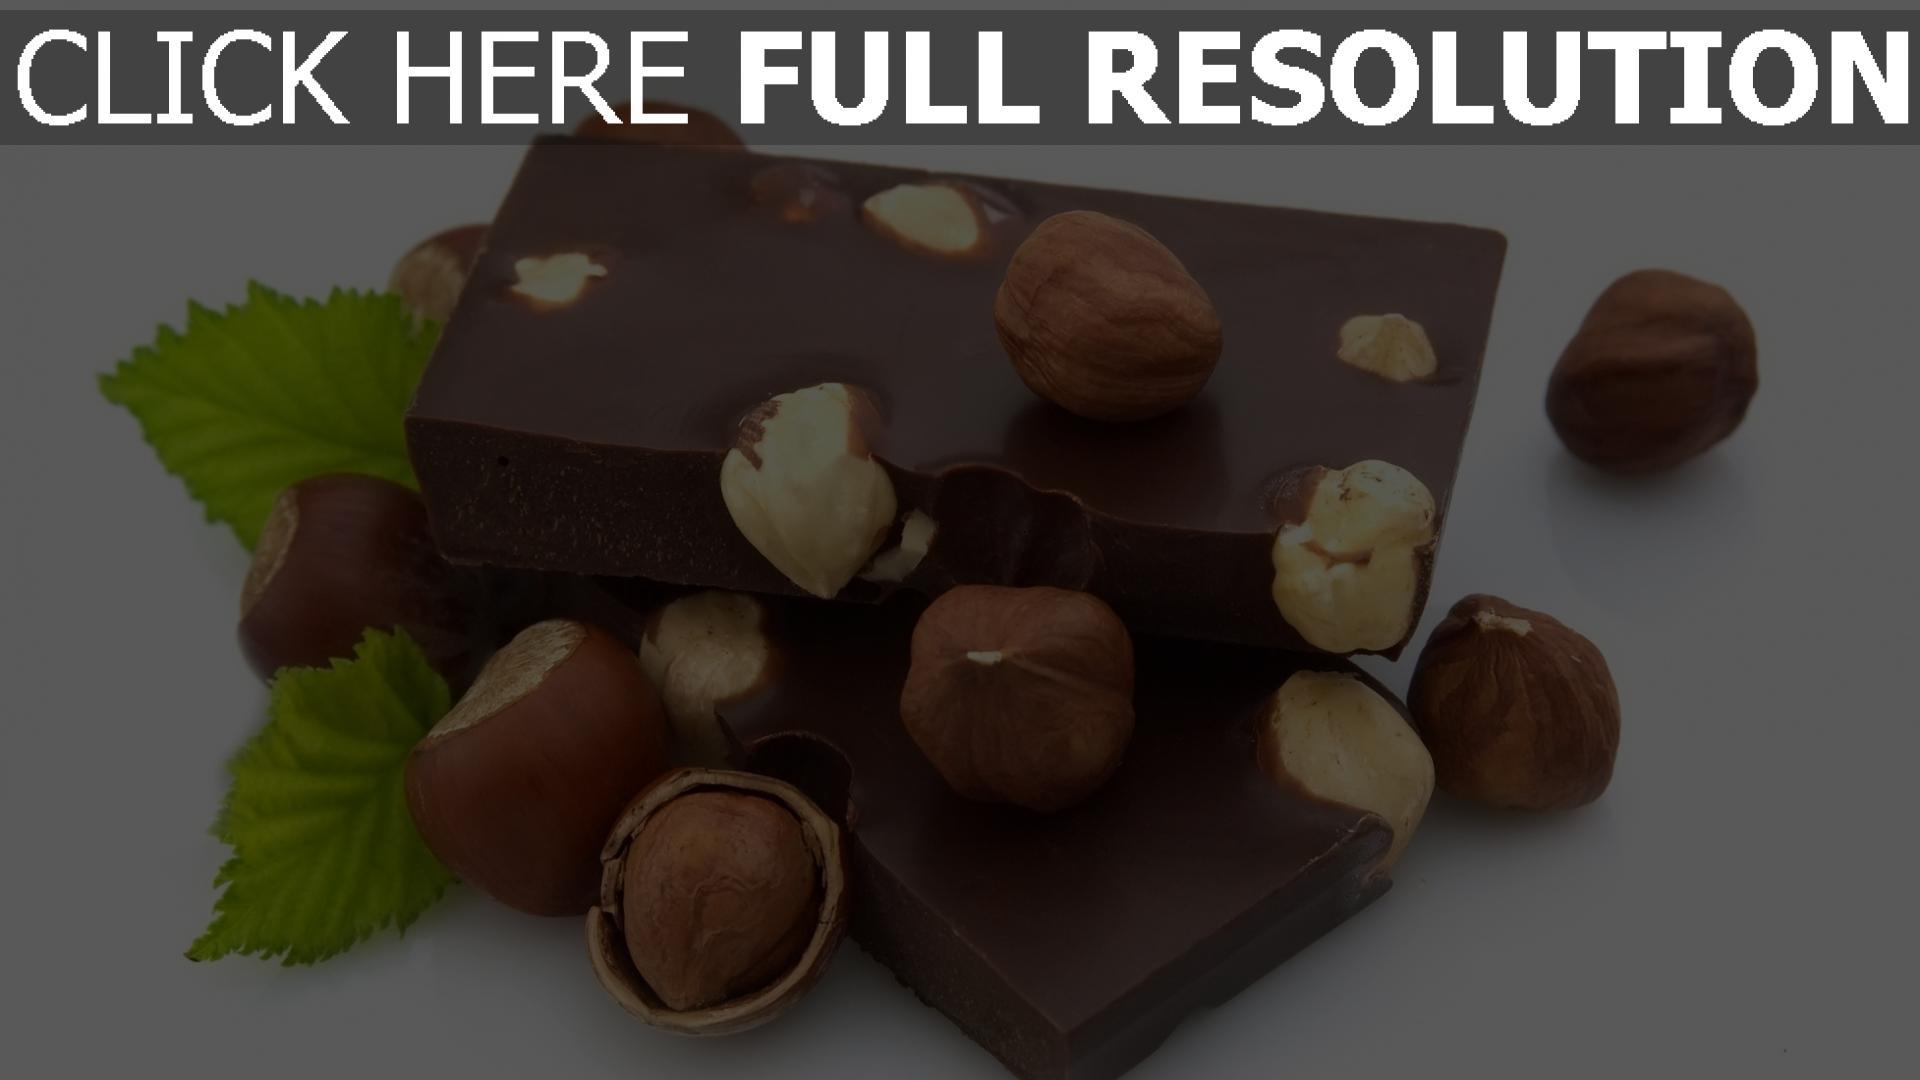 fond d'écran 1920x1080 chocolat noisette gros plan